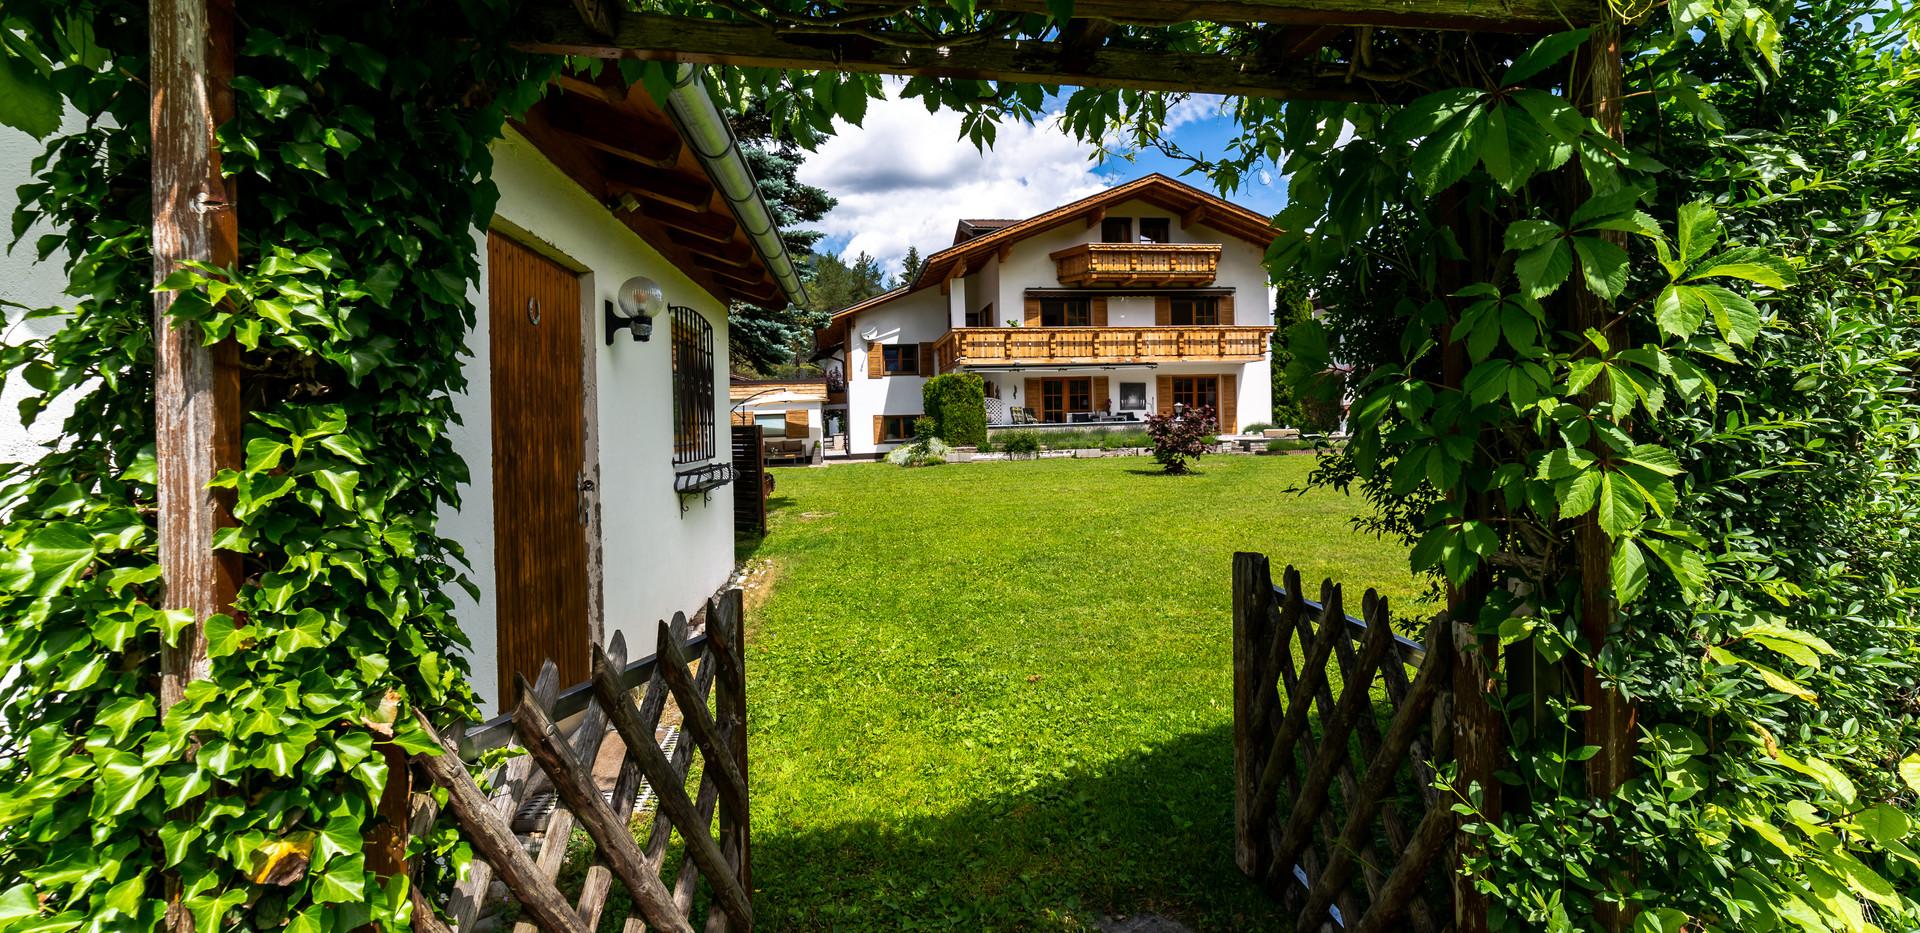 schneehaus chalet ehrwald 2.jpg